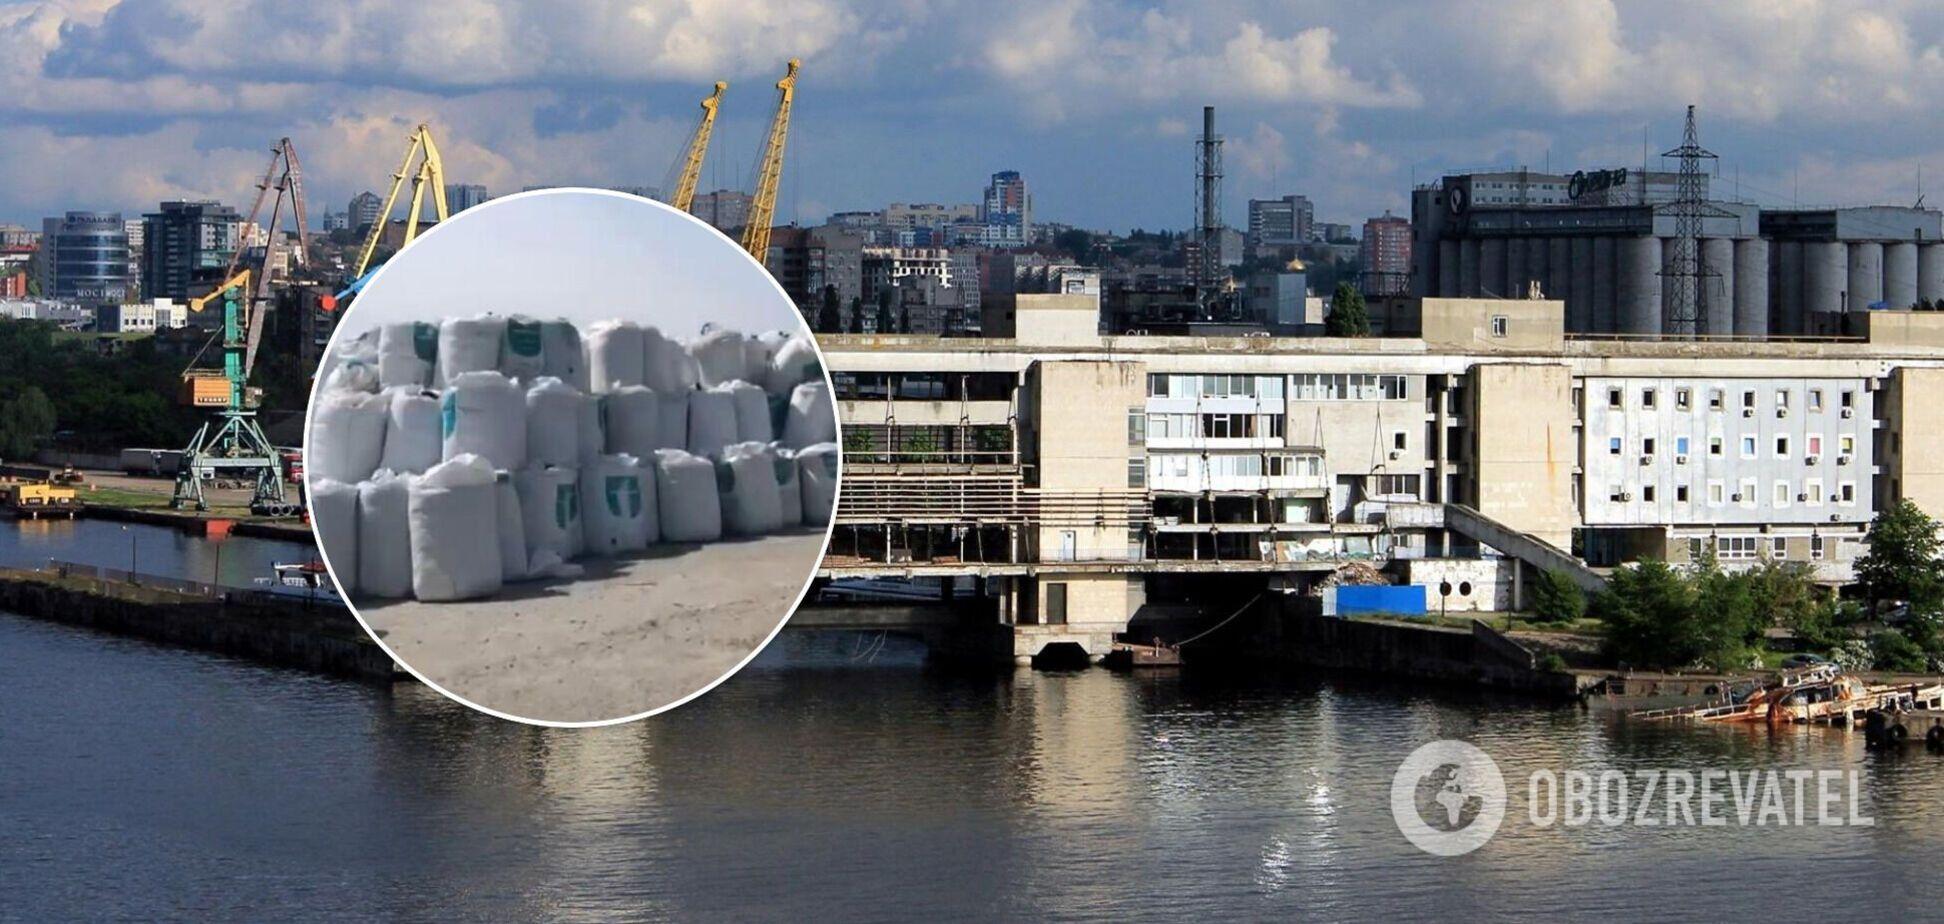 У річпорту Дніпра виявили небезпечні хімічні речовини – ЗМІ